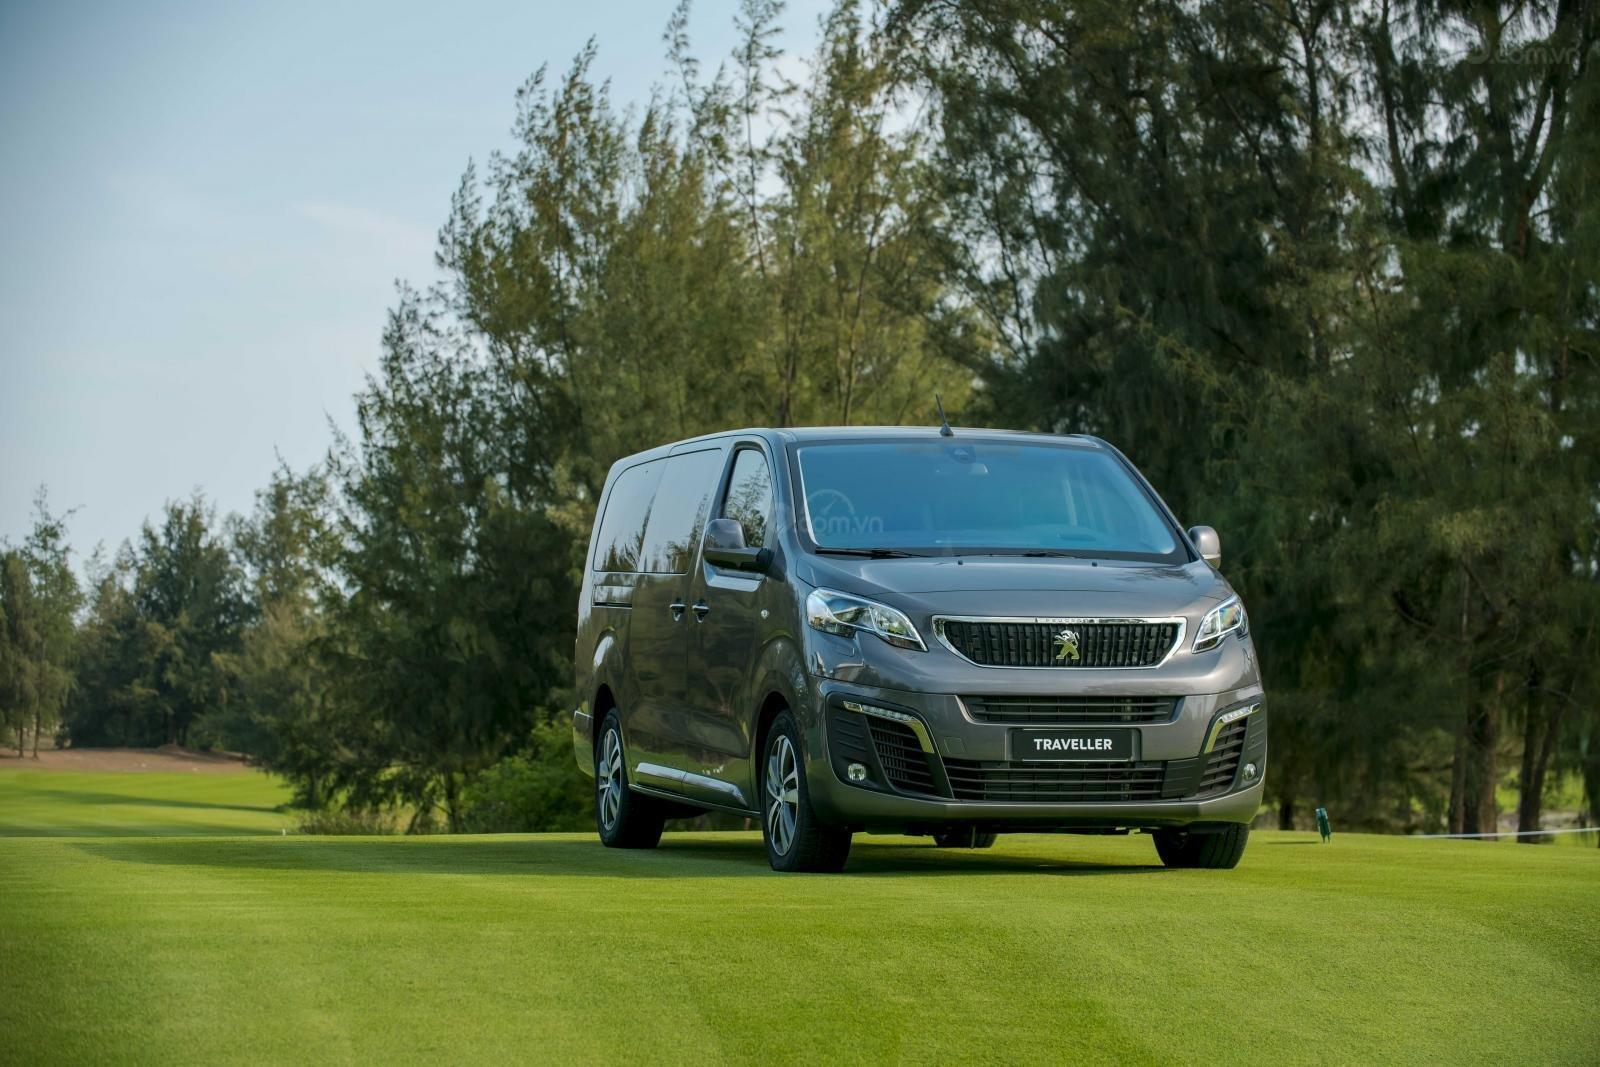 Peugeot Traveller Luxury 2019 - Có xe giao ngay - Nhiều ưu đãi hấp dẫn - Trả trước 20% nhận xe - Hotline: 0909.450.005-0